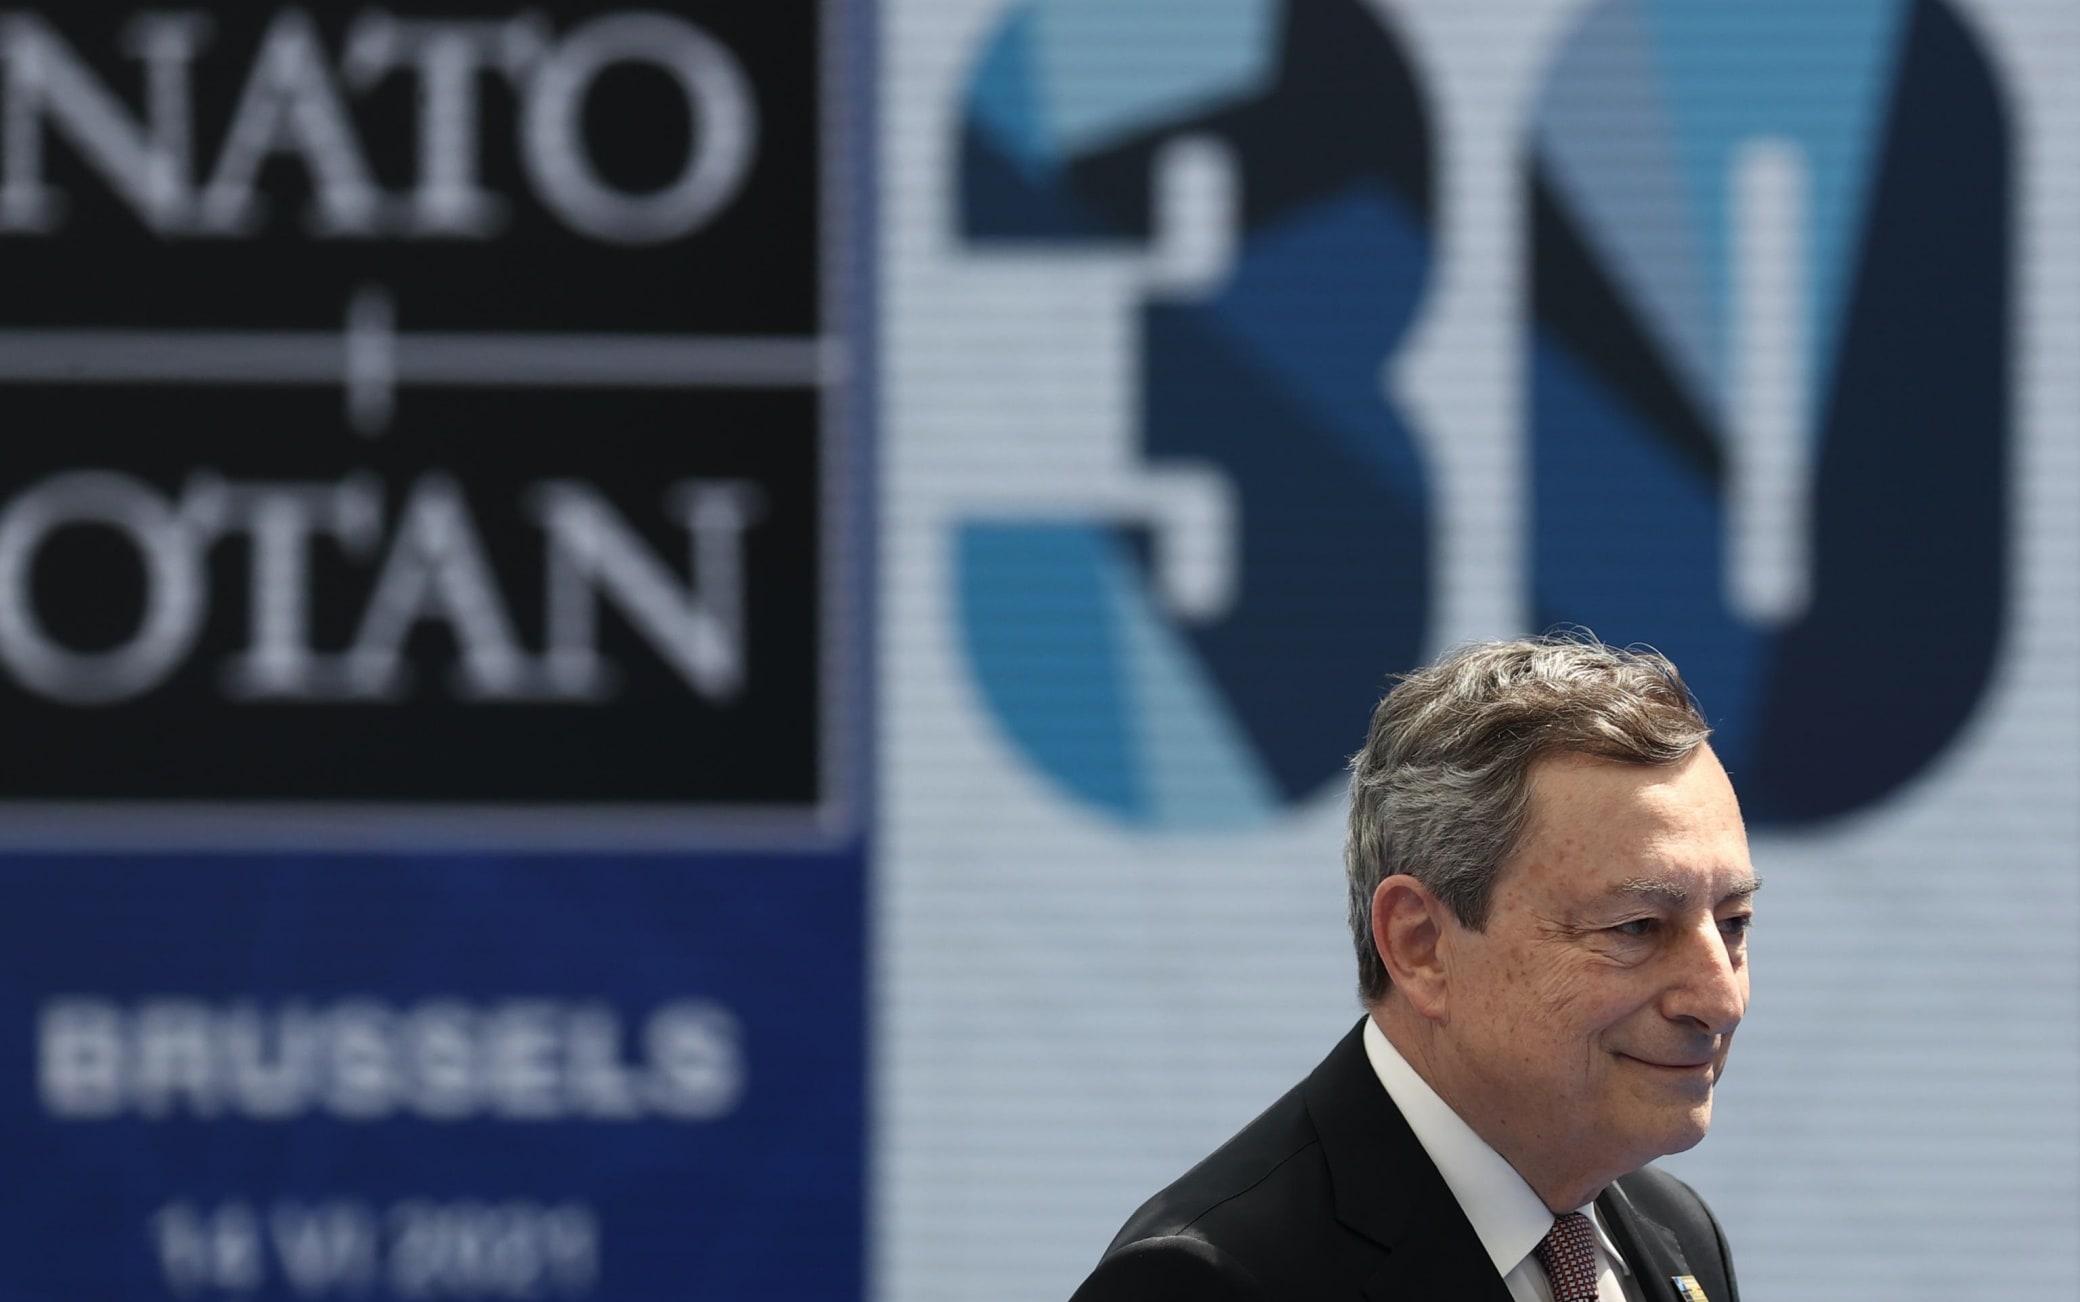 Il presidente del Consiglio Mario Draghi al vertice della Nato a Bruxelles